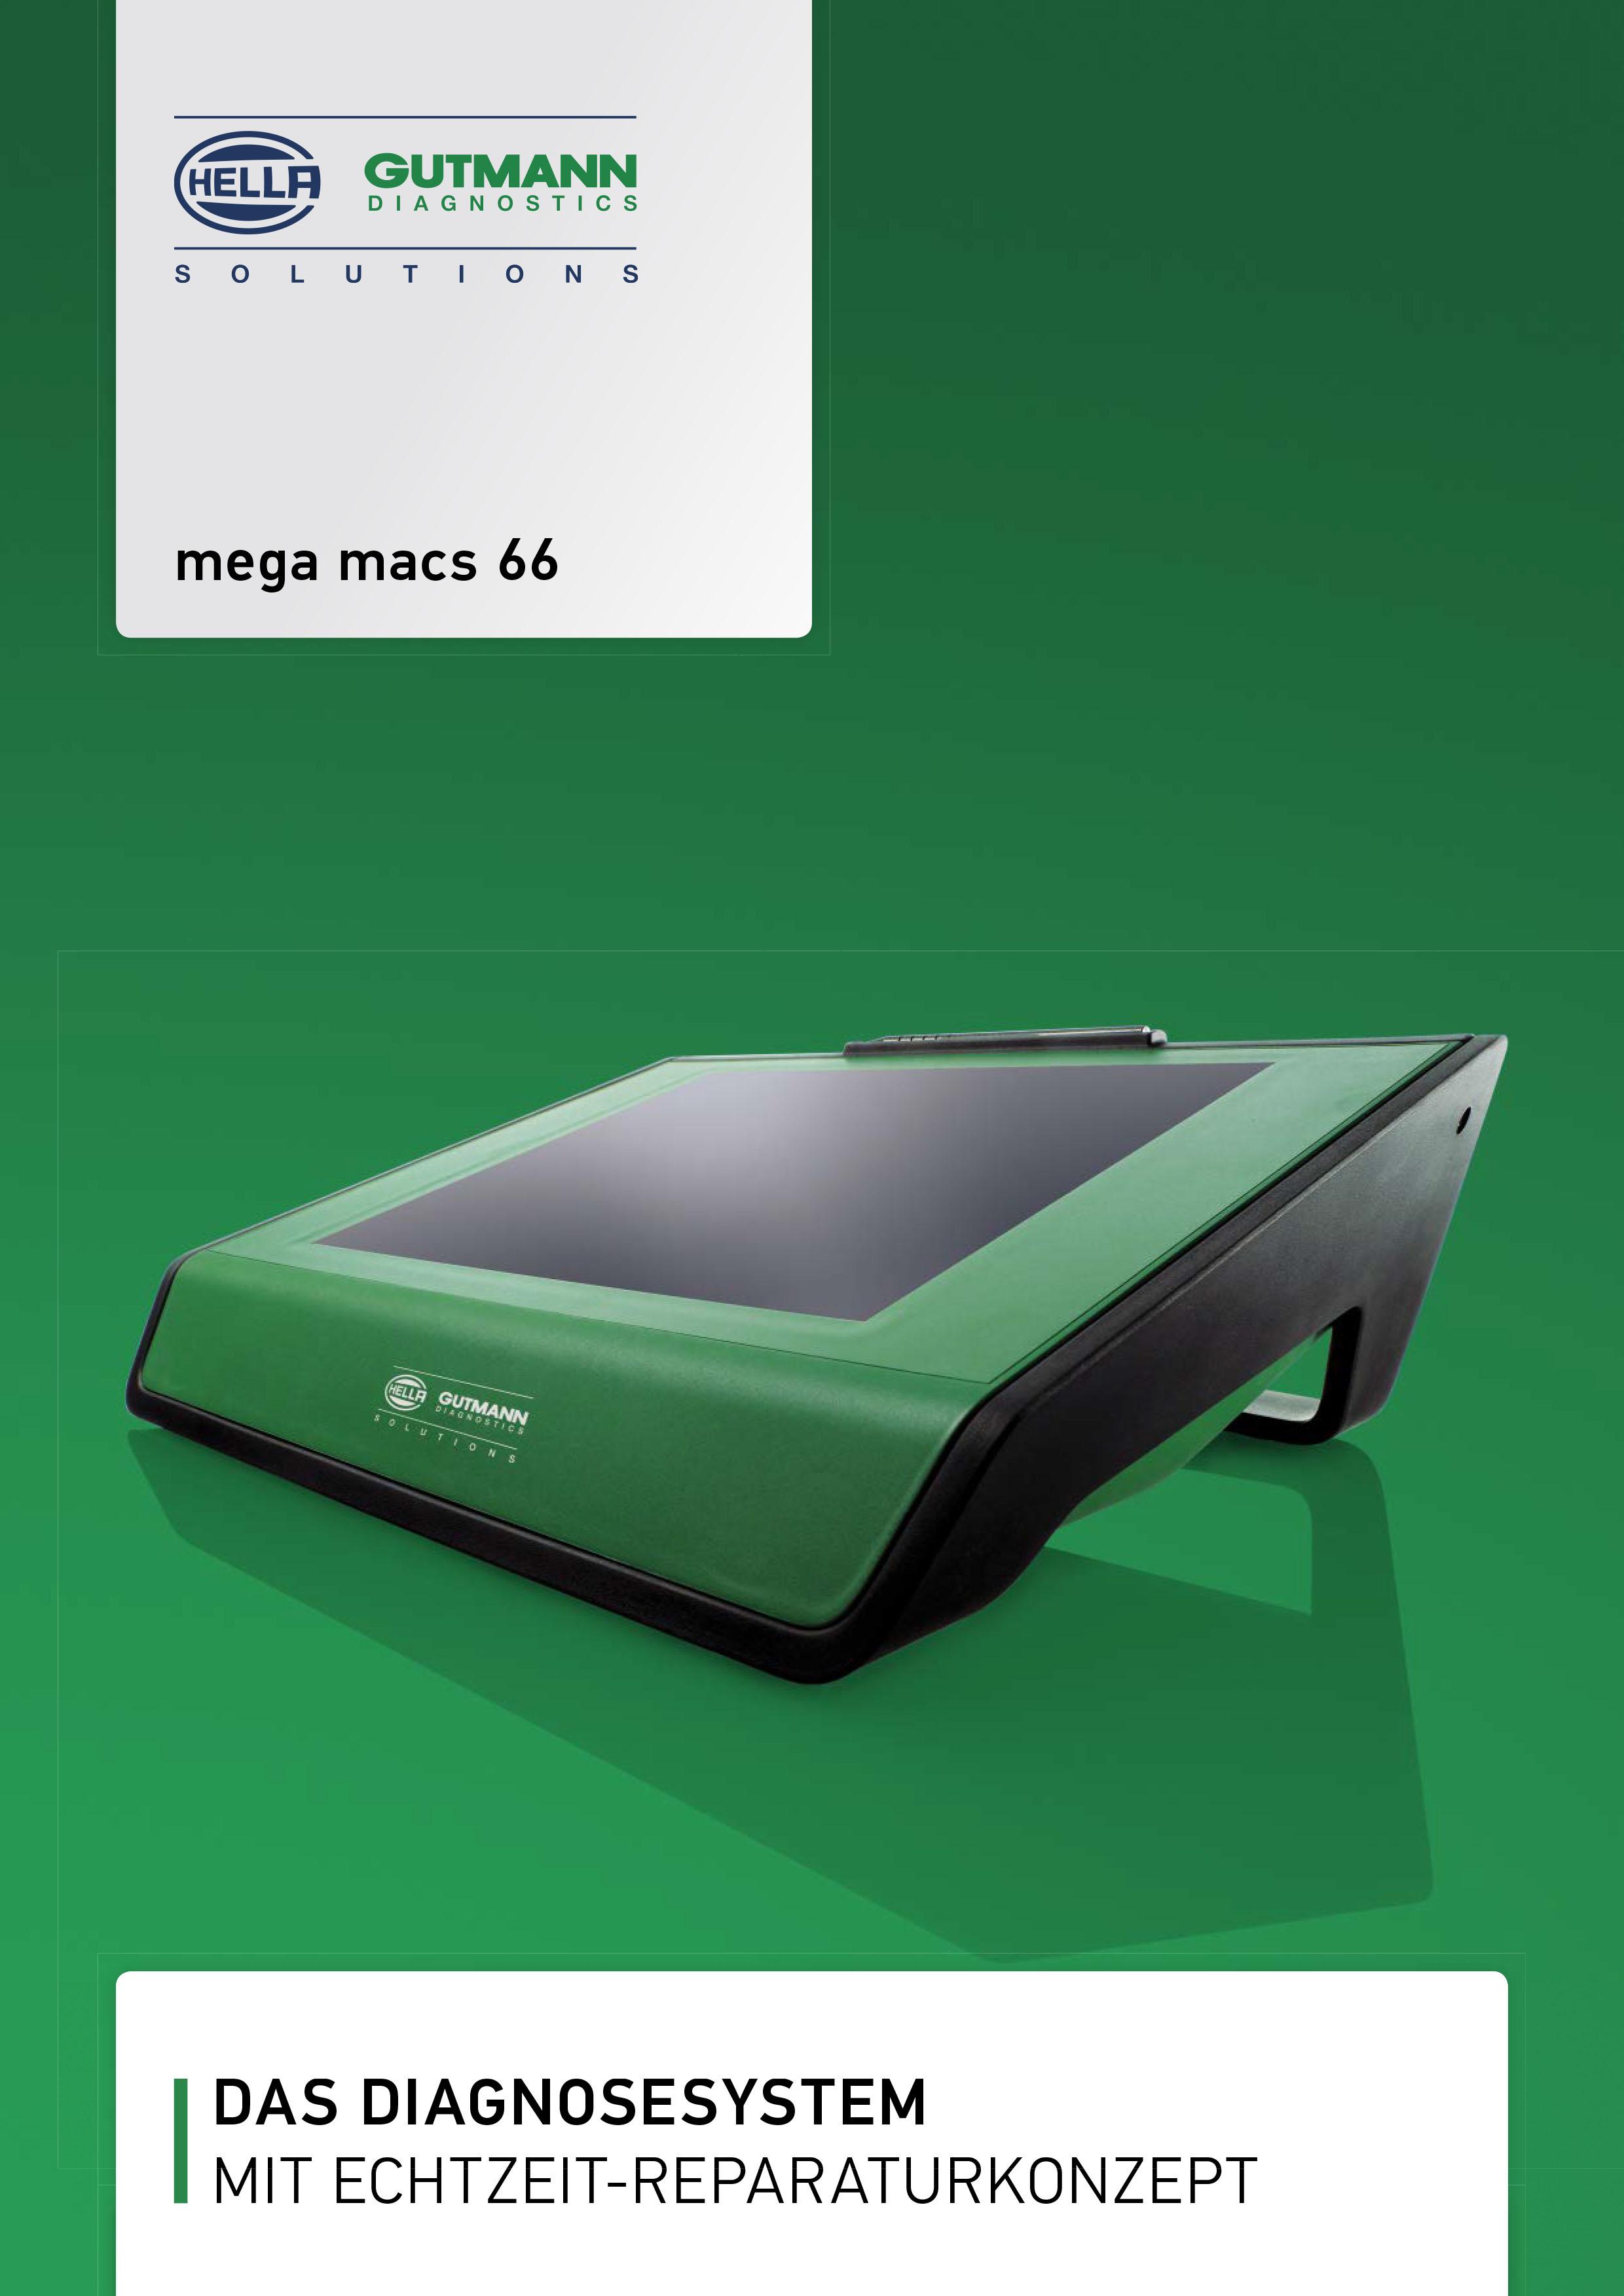 csm_megamacs_66_de_9dc2536f1c.jpg